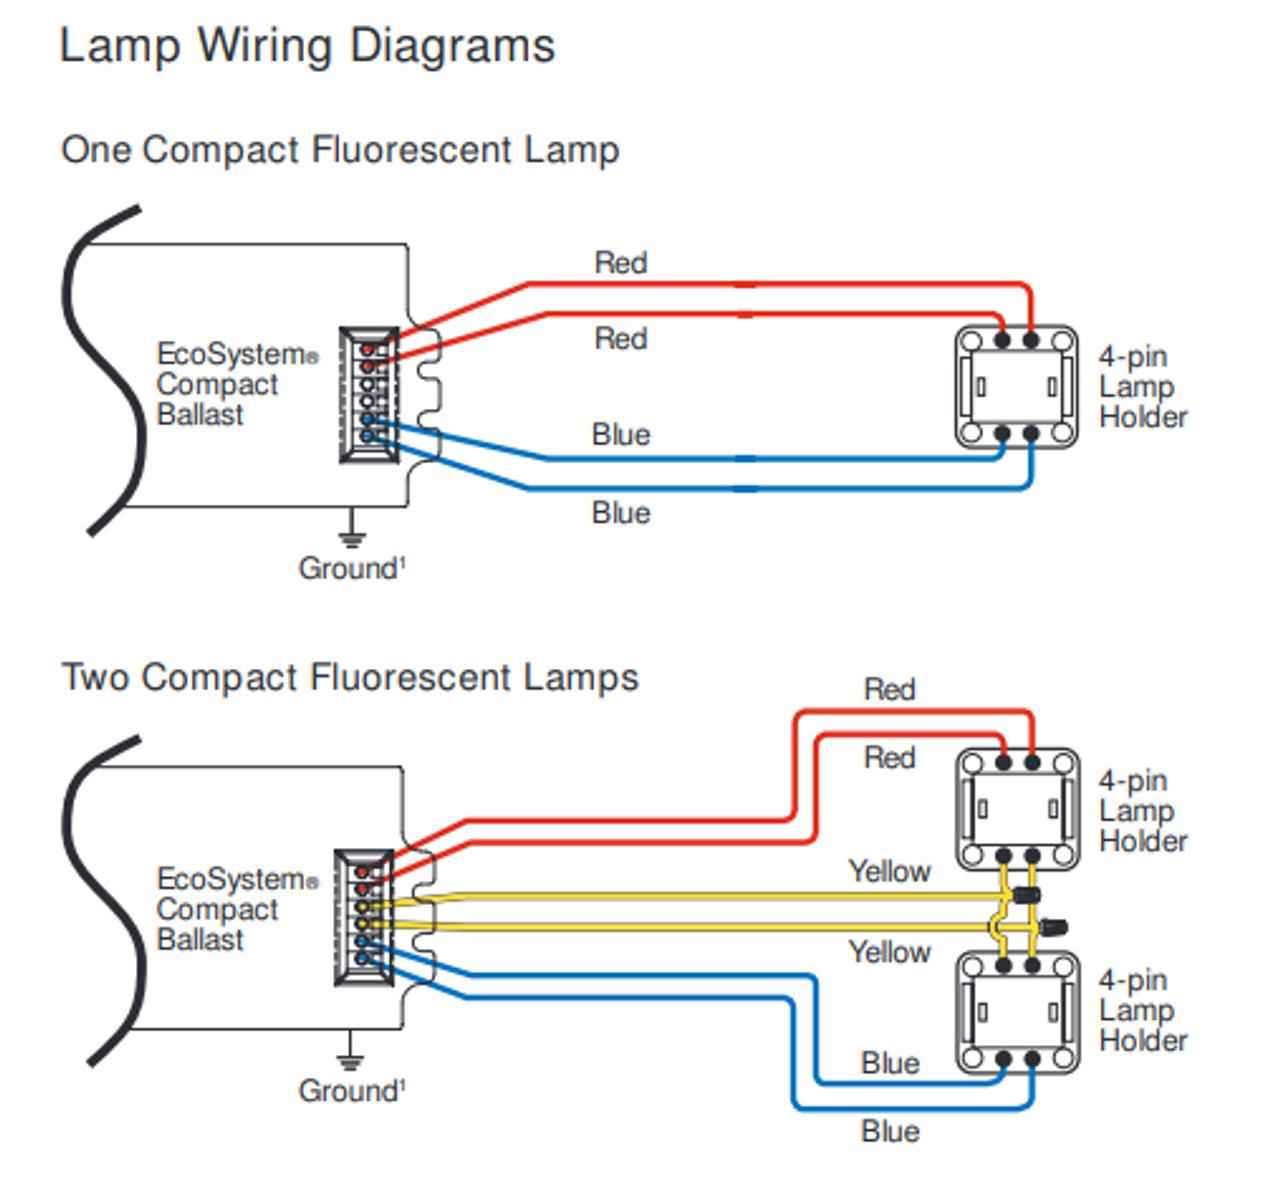 Wiring Diagram Pdf  0 10 Dimming Ballast Wiring Diagram